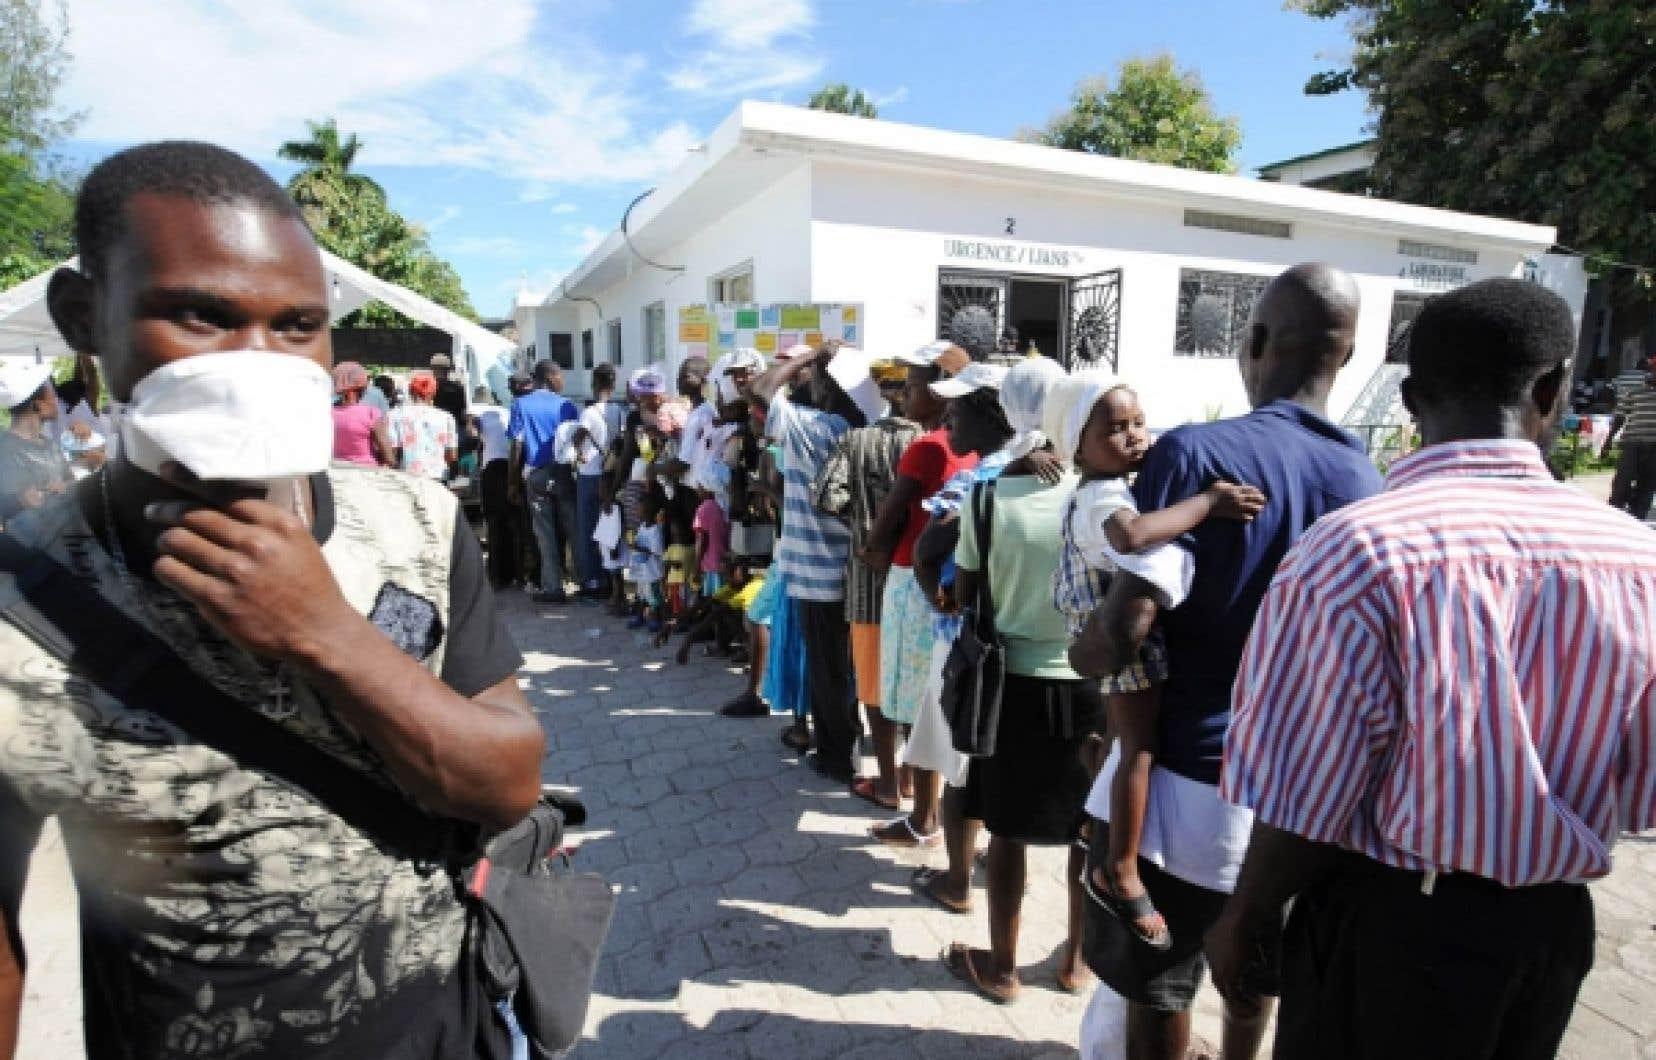 Mieux vaut prévenir que guérir: hier, l'hôpital Saint-Nicolas à Saint-Marc, dans le nord de Port-au-Prince, était «assiégé» par des centaines d'habitants de la capitale haïtienne.<br />